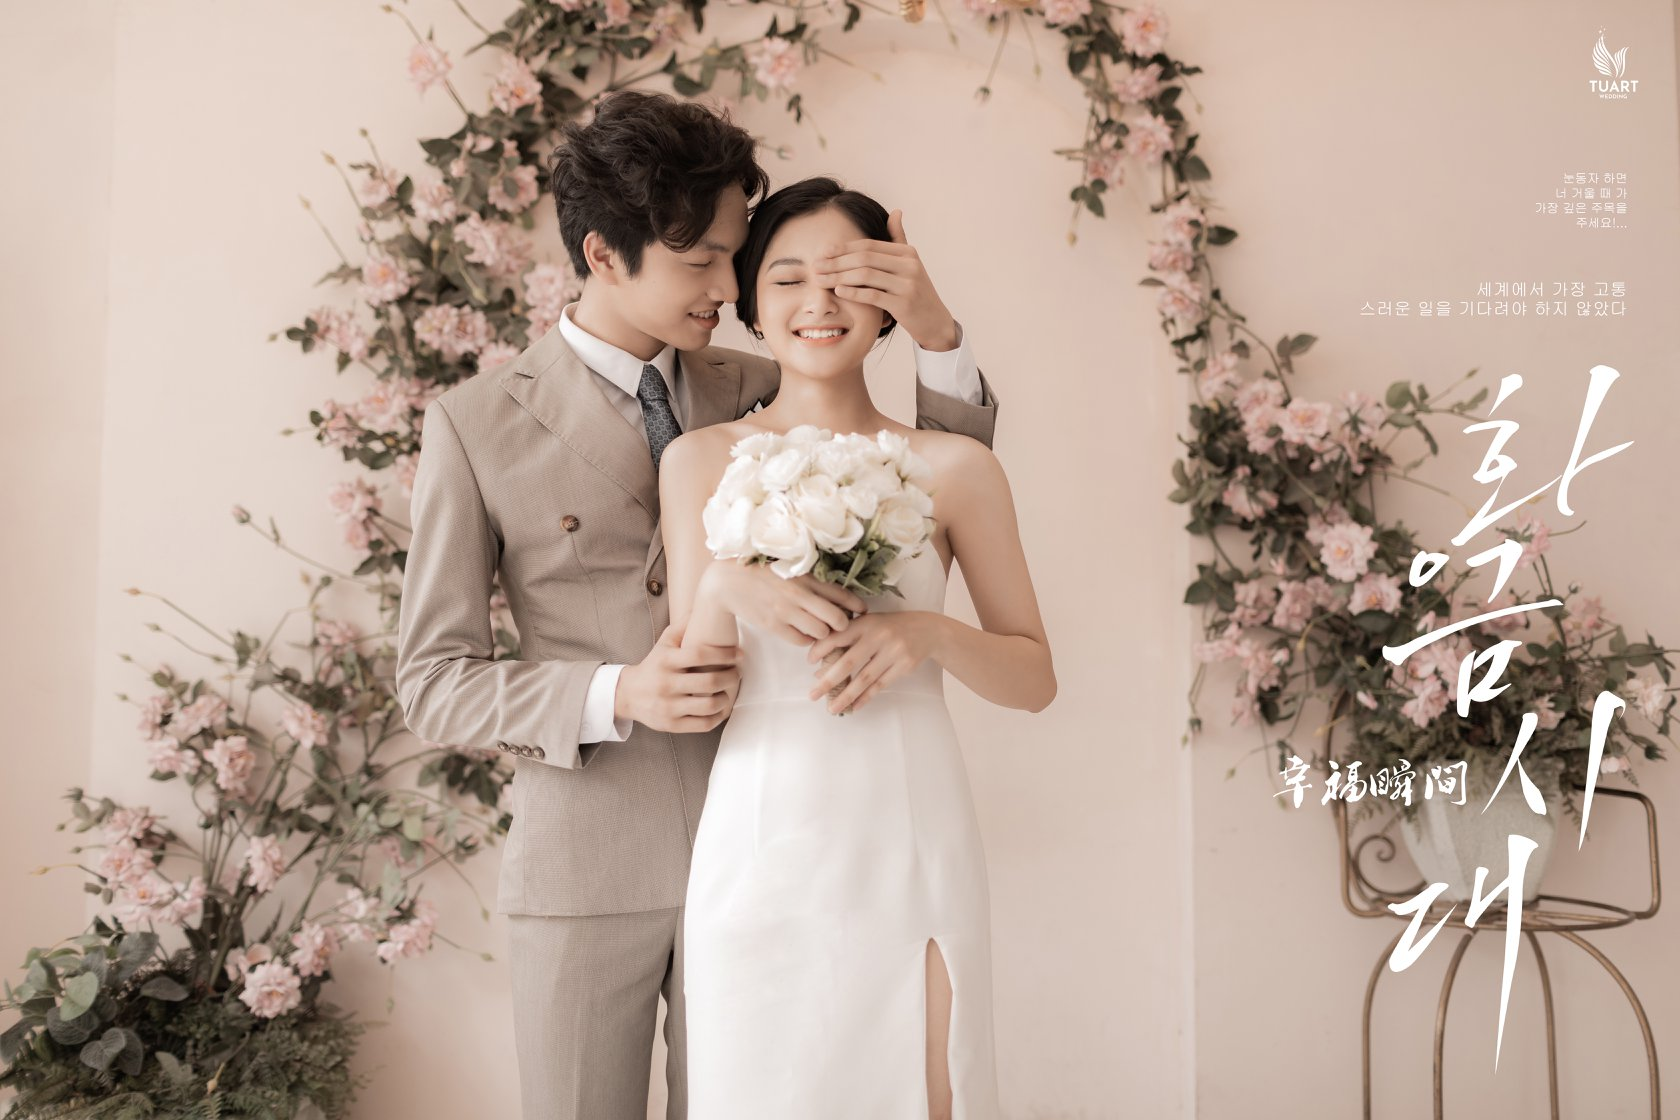 Album chụp ảnh cưới đẹp theo phong cách Hàn Quốc